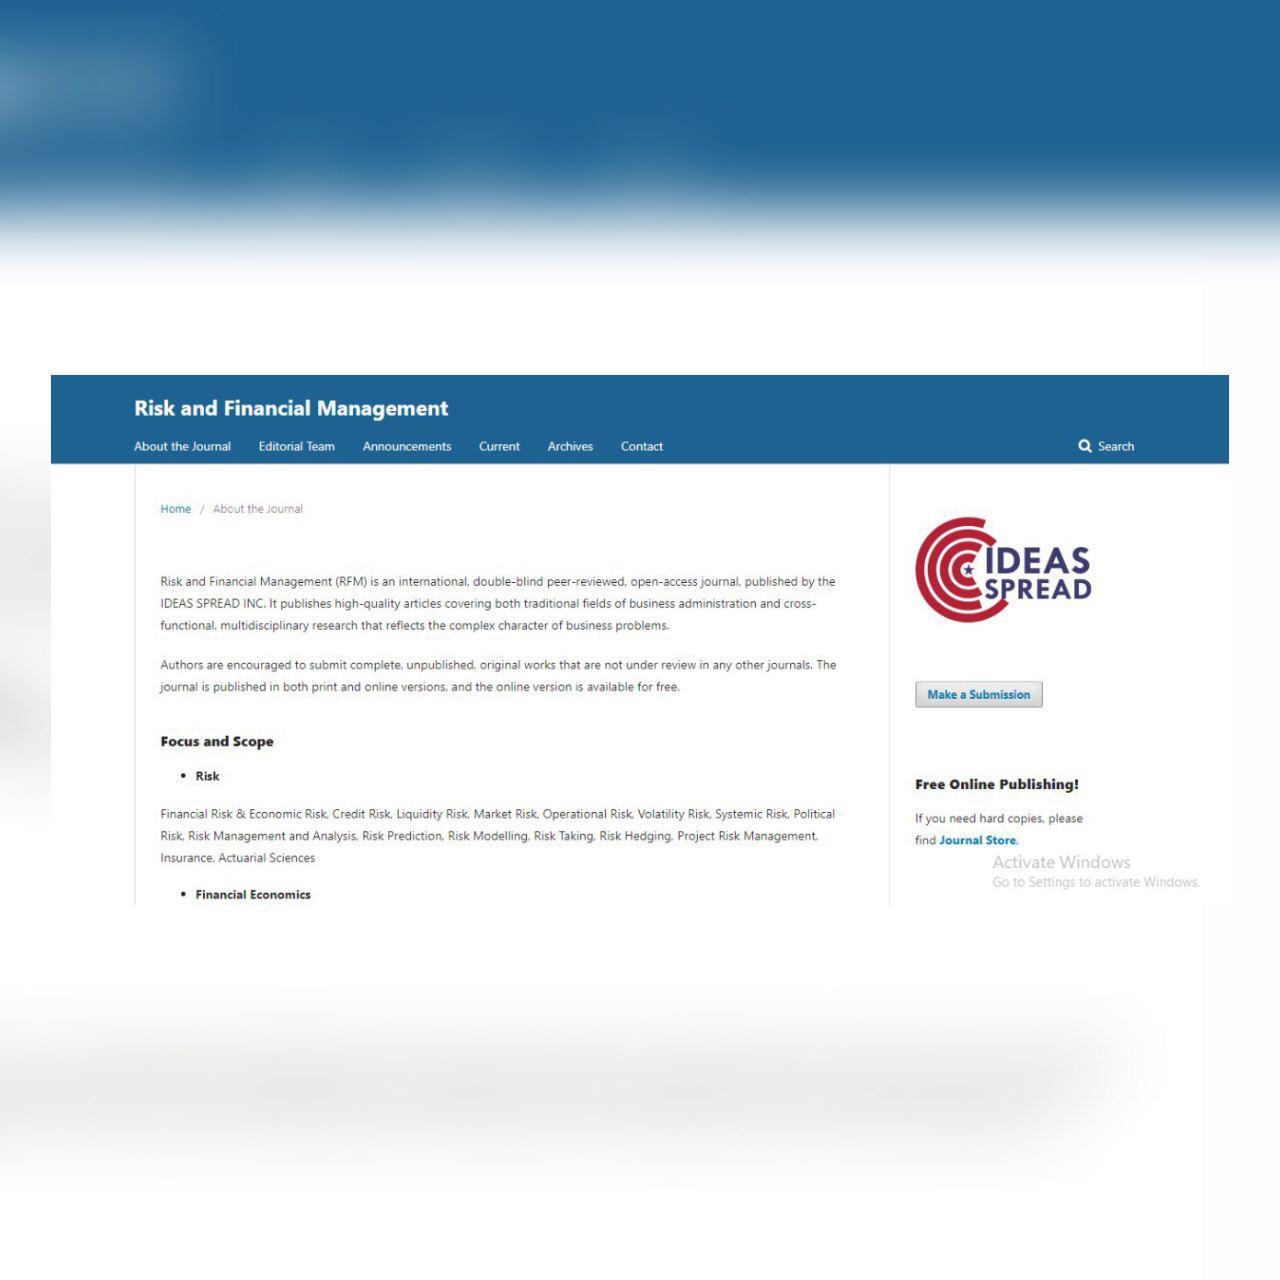 مجلة دولية متخصصة في الادارة المالية والمخاطر تختار تدريسي في جامعة كربلاء مقيماً علمياً لابحاثها